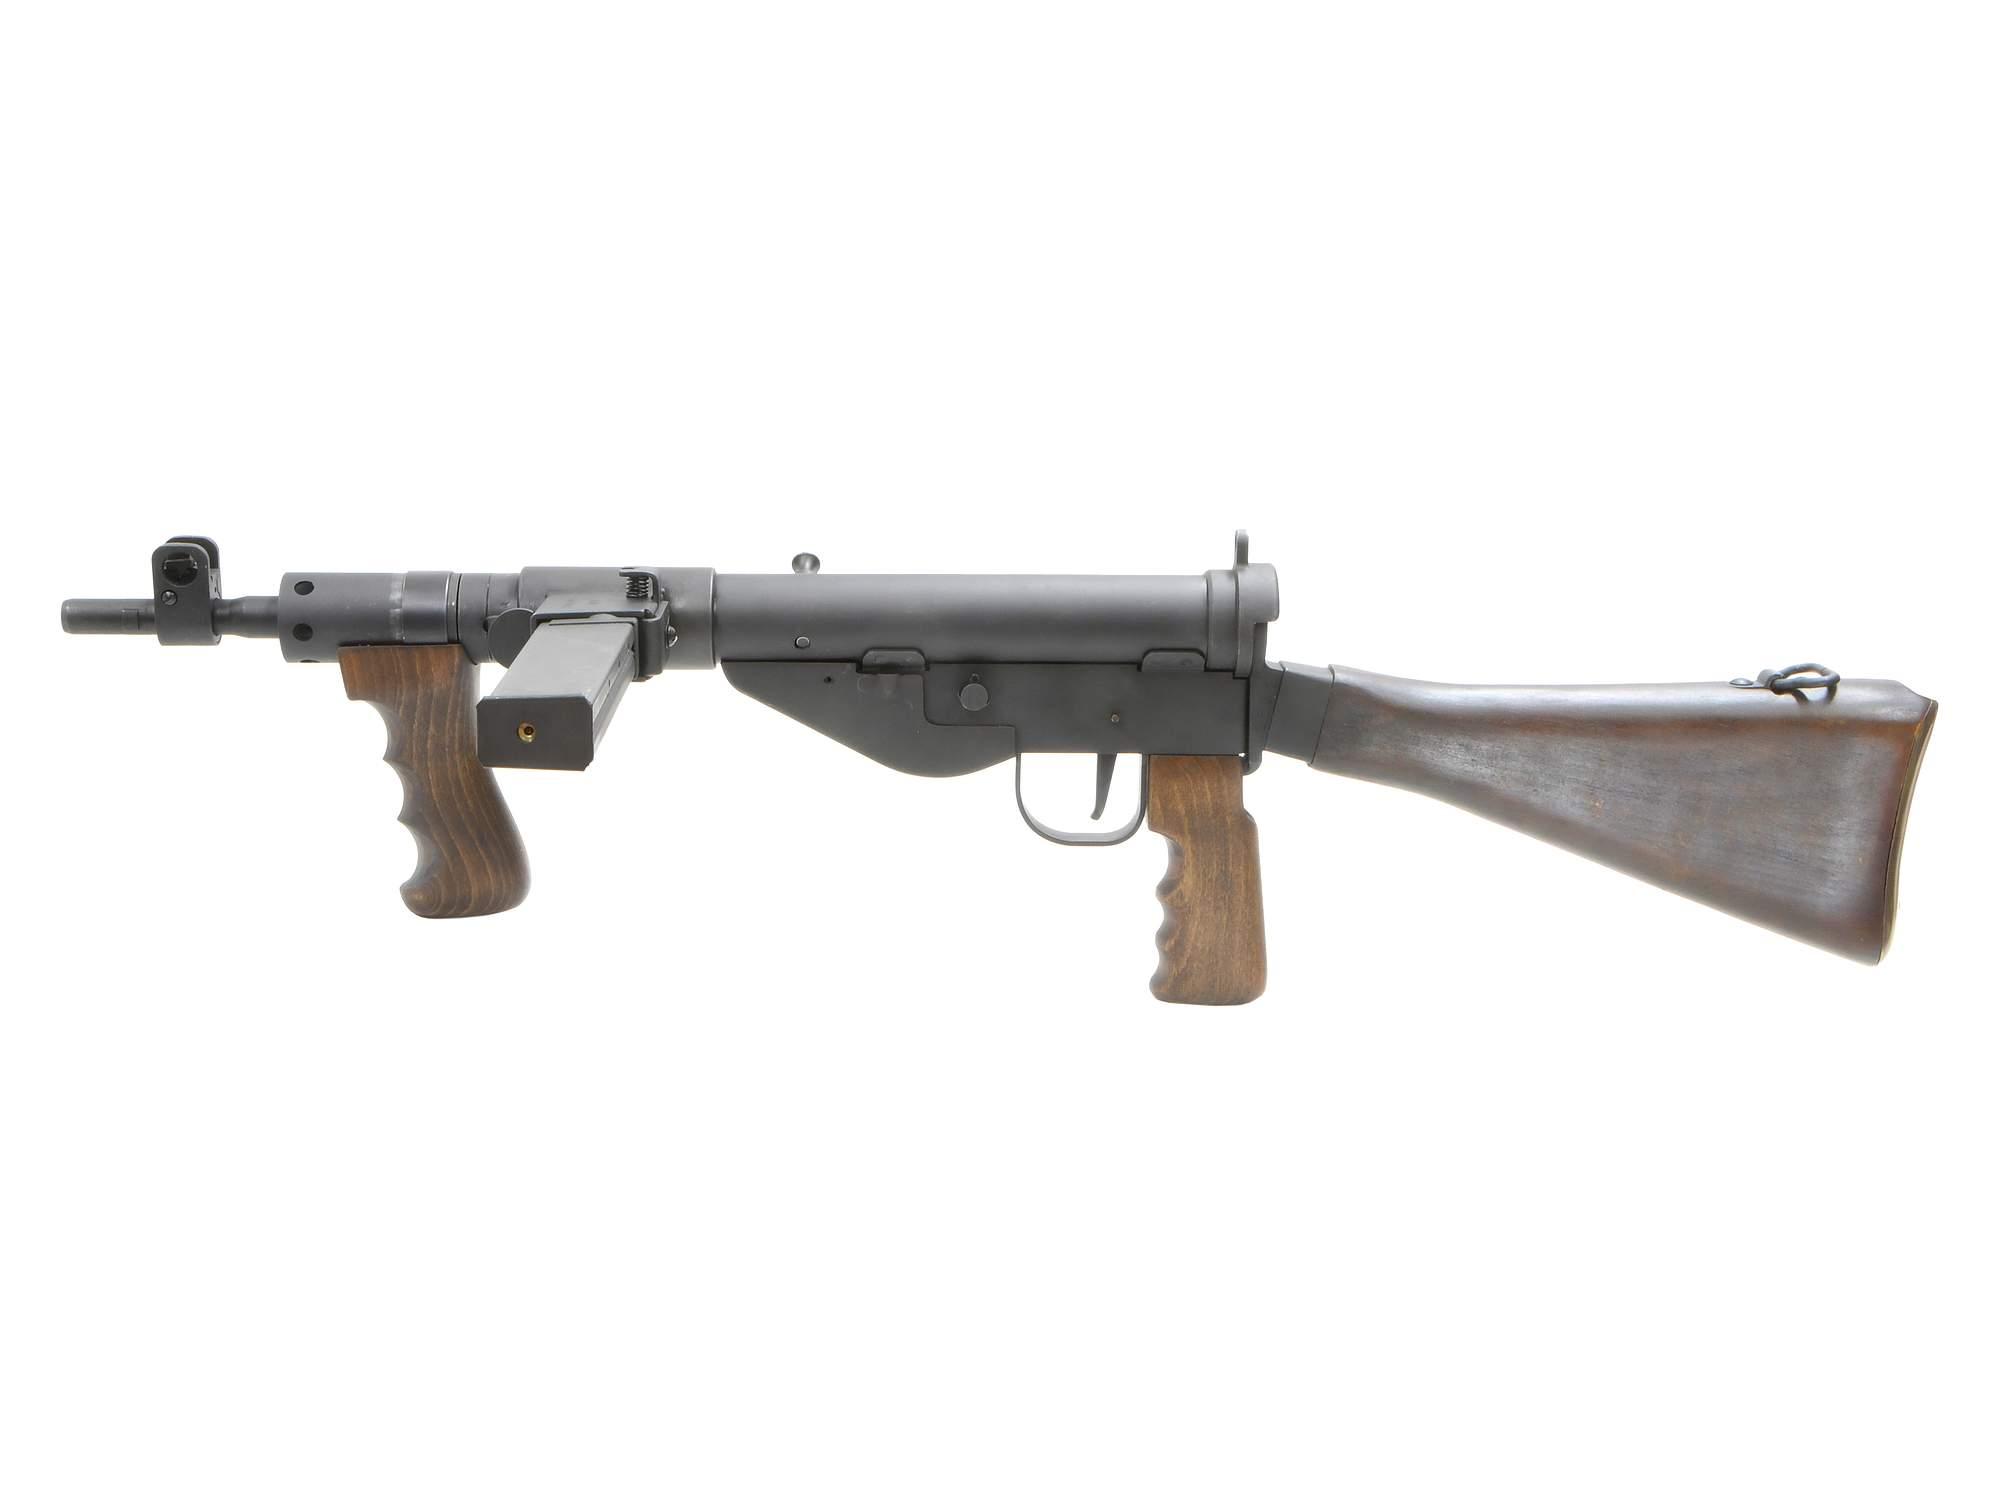 NEA-SMG-002